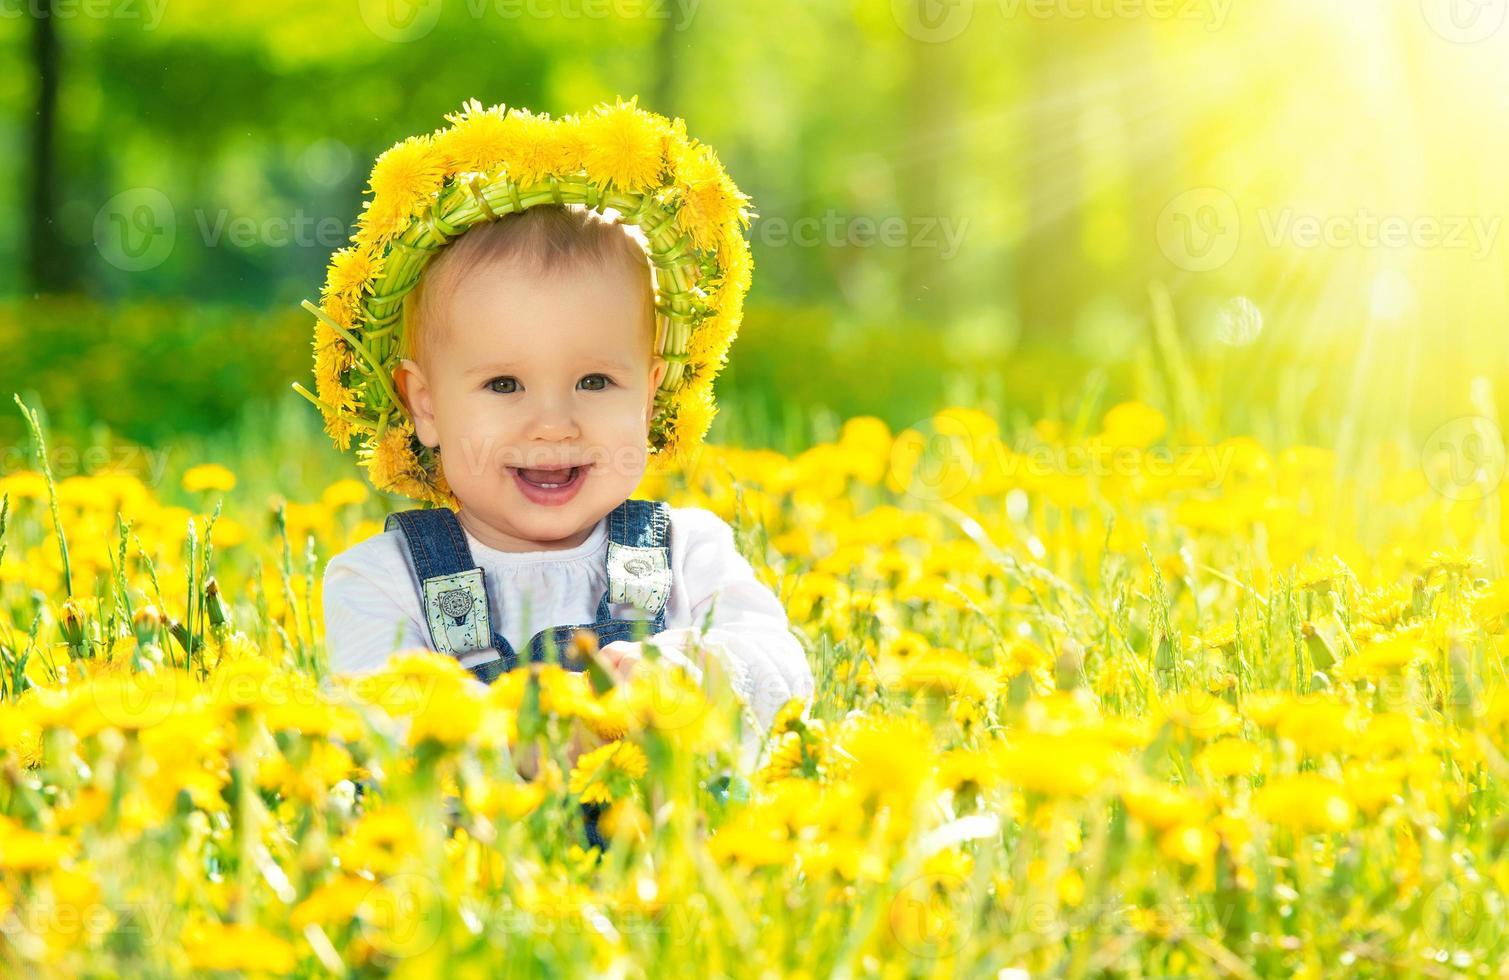 menina feliz em grinalda no Prado com flores amarelas foto